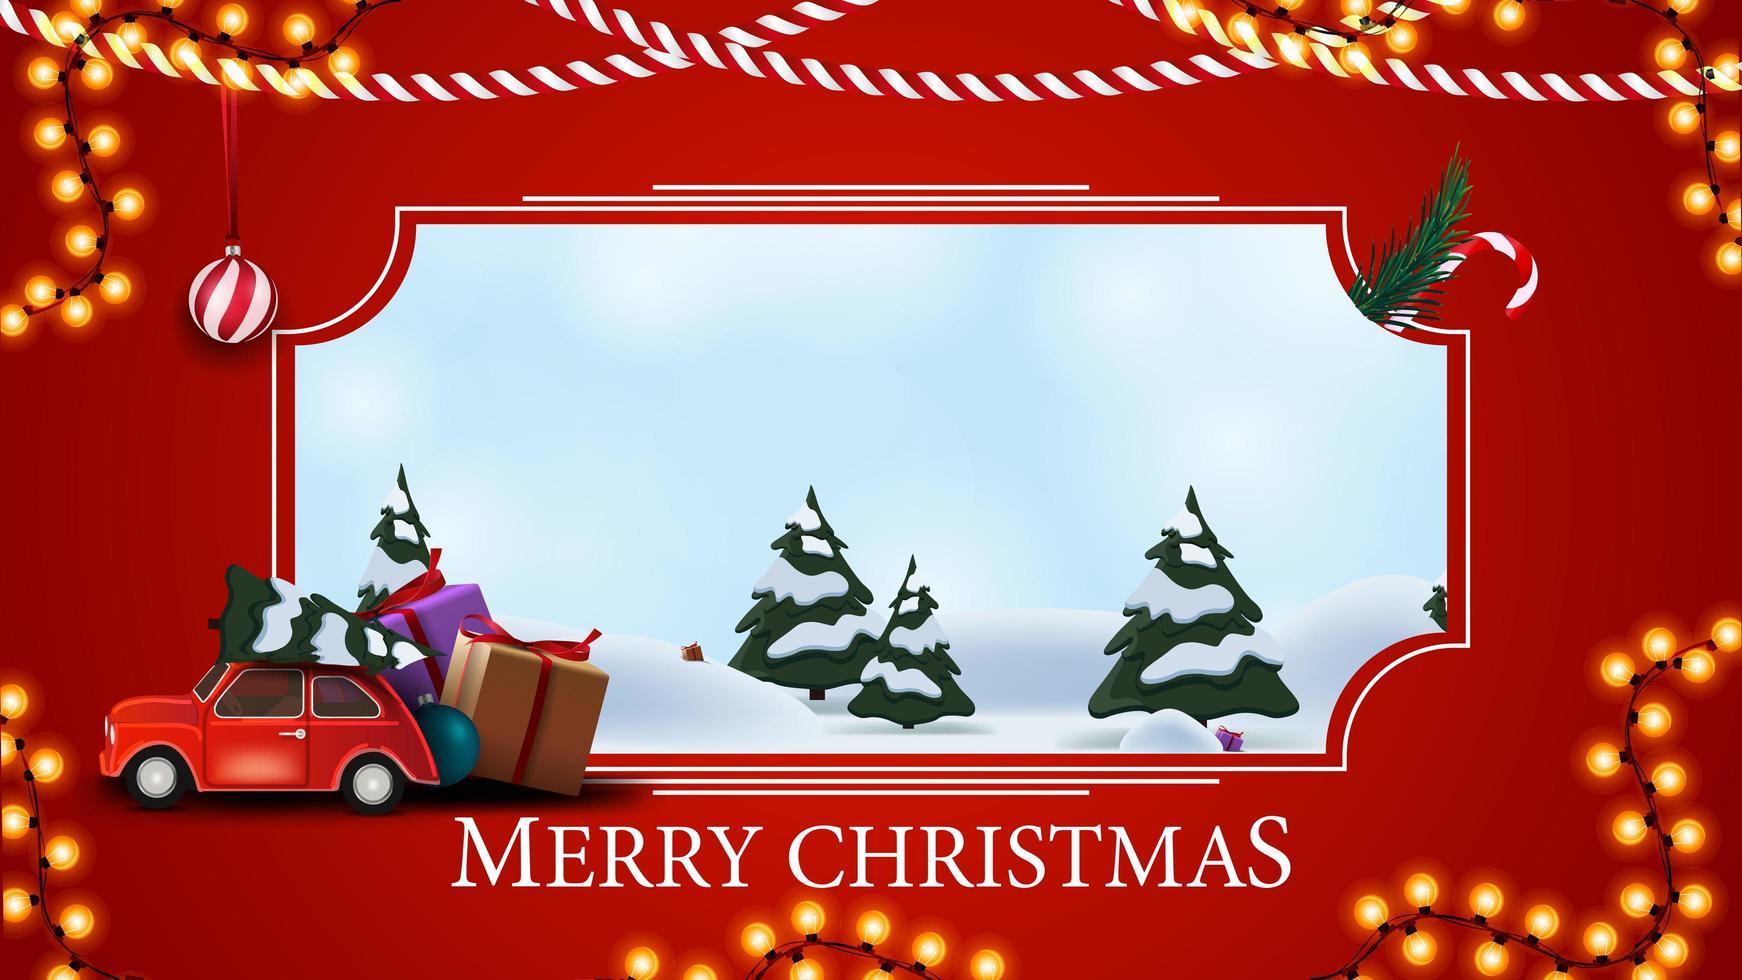 Feliz Navidad, postal roja con paisaje de dibujos animados de invierno, guirnalda y coche rojo de época con árbol de Navidad vector